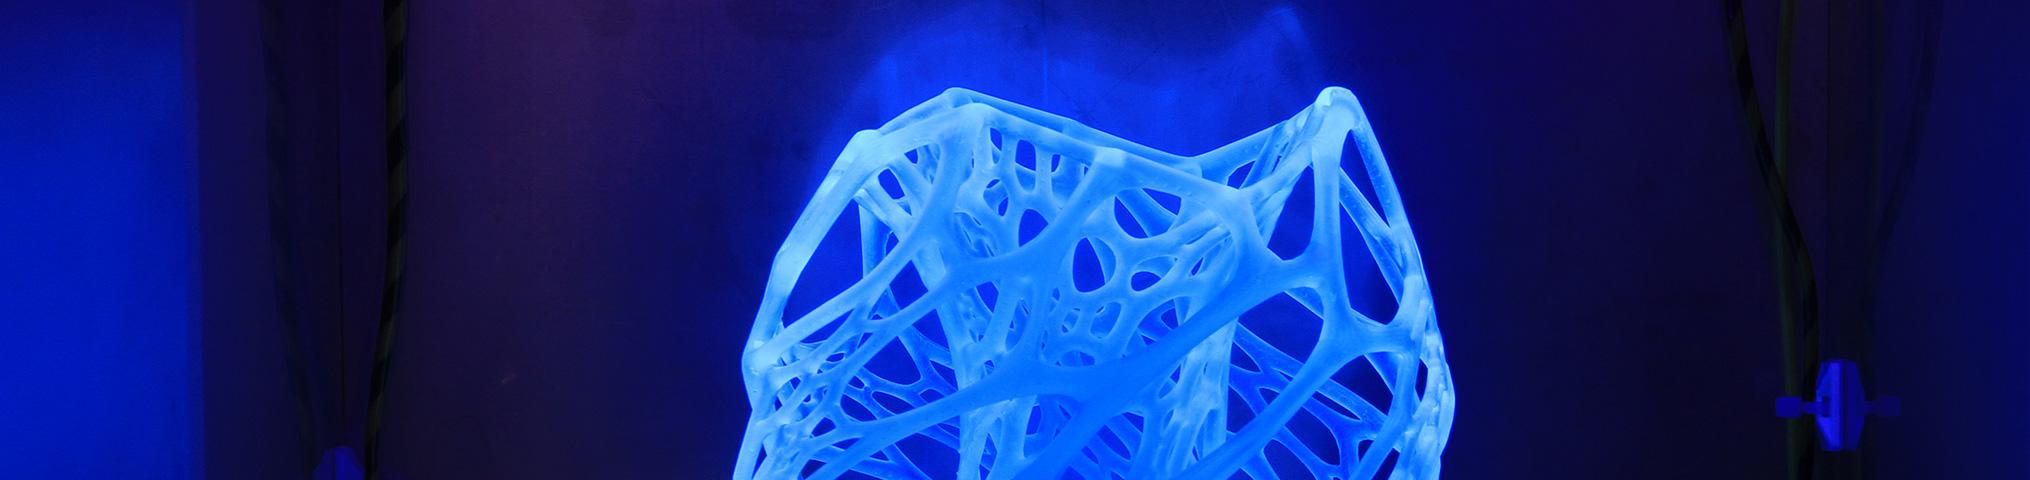 Zu sehen ist eine modellierte Zellstruktur, die mit einem 3D-Drucker des Rechenzentrums erstellt wurde.